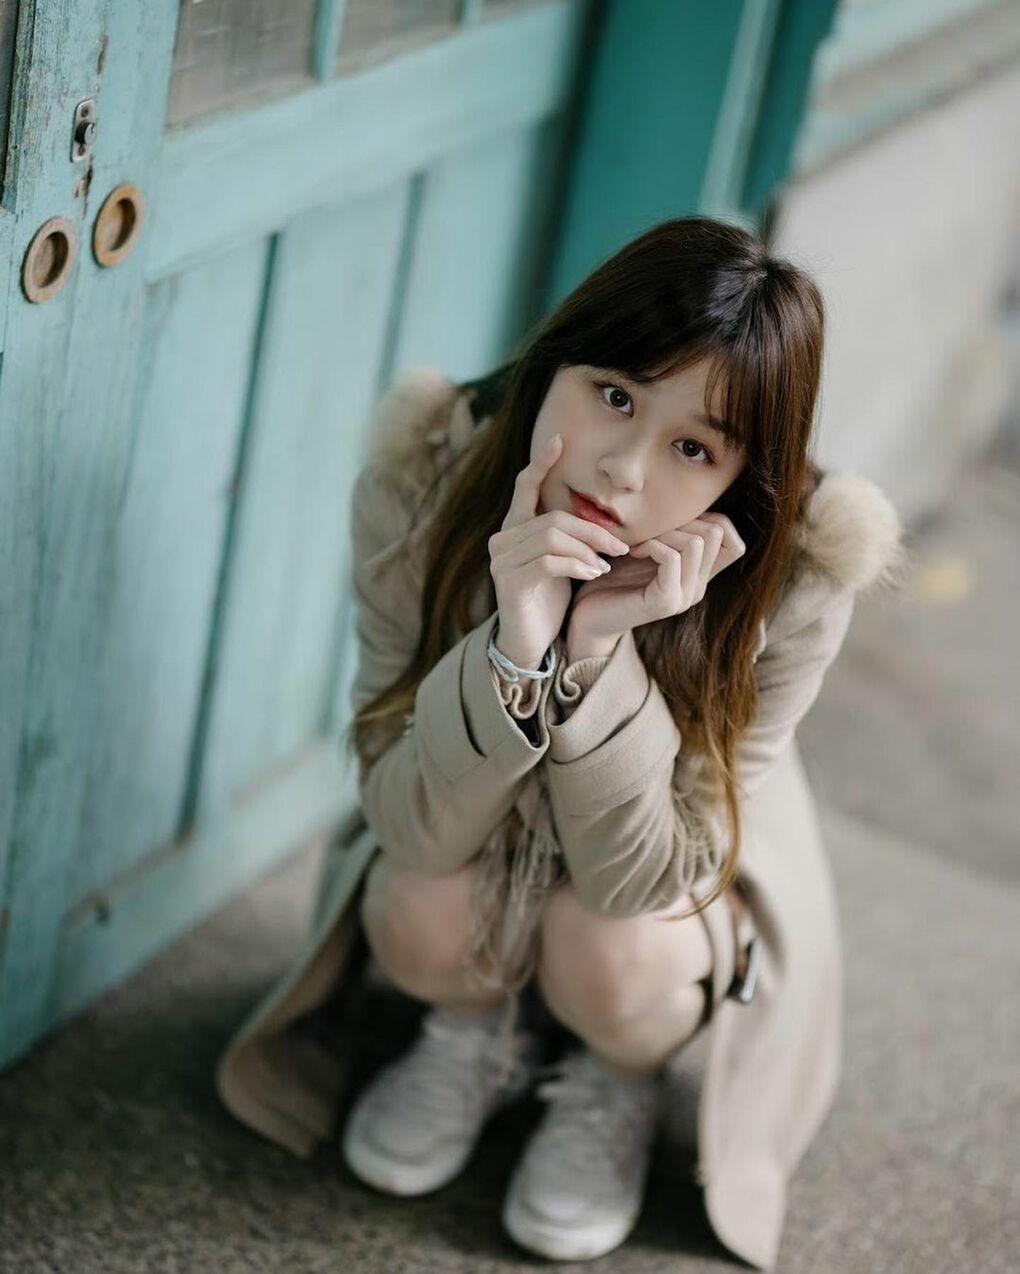 清透嫩白美眉阿耕Yusi满满胶原蛋白的氧气少女(20P) 网络美女 第14张